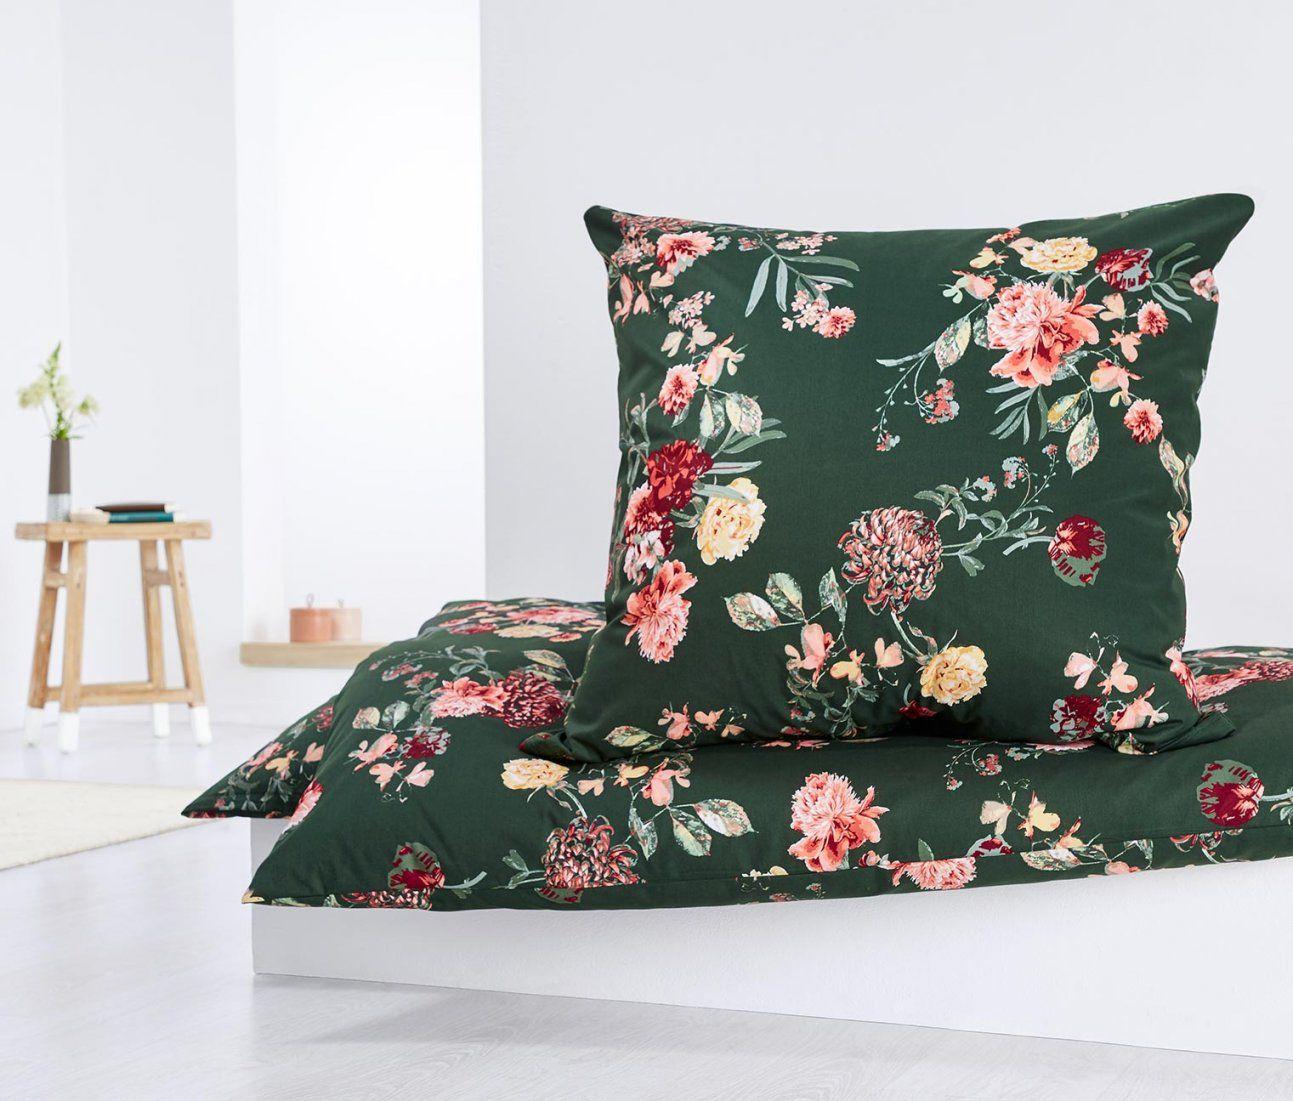 Renforcébettwäsche Übergröße Online Bestellen Bei Tchibo 348058 von Bettwäsche 155X220 Tchibo Bild